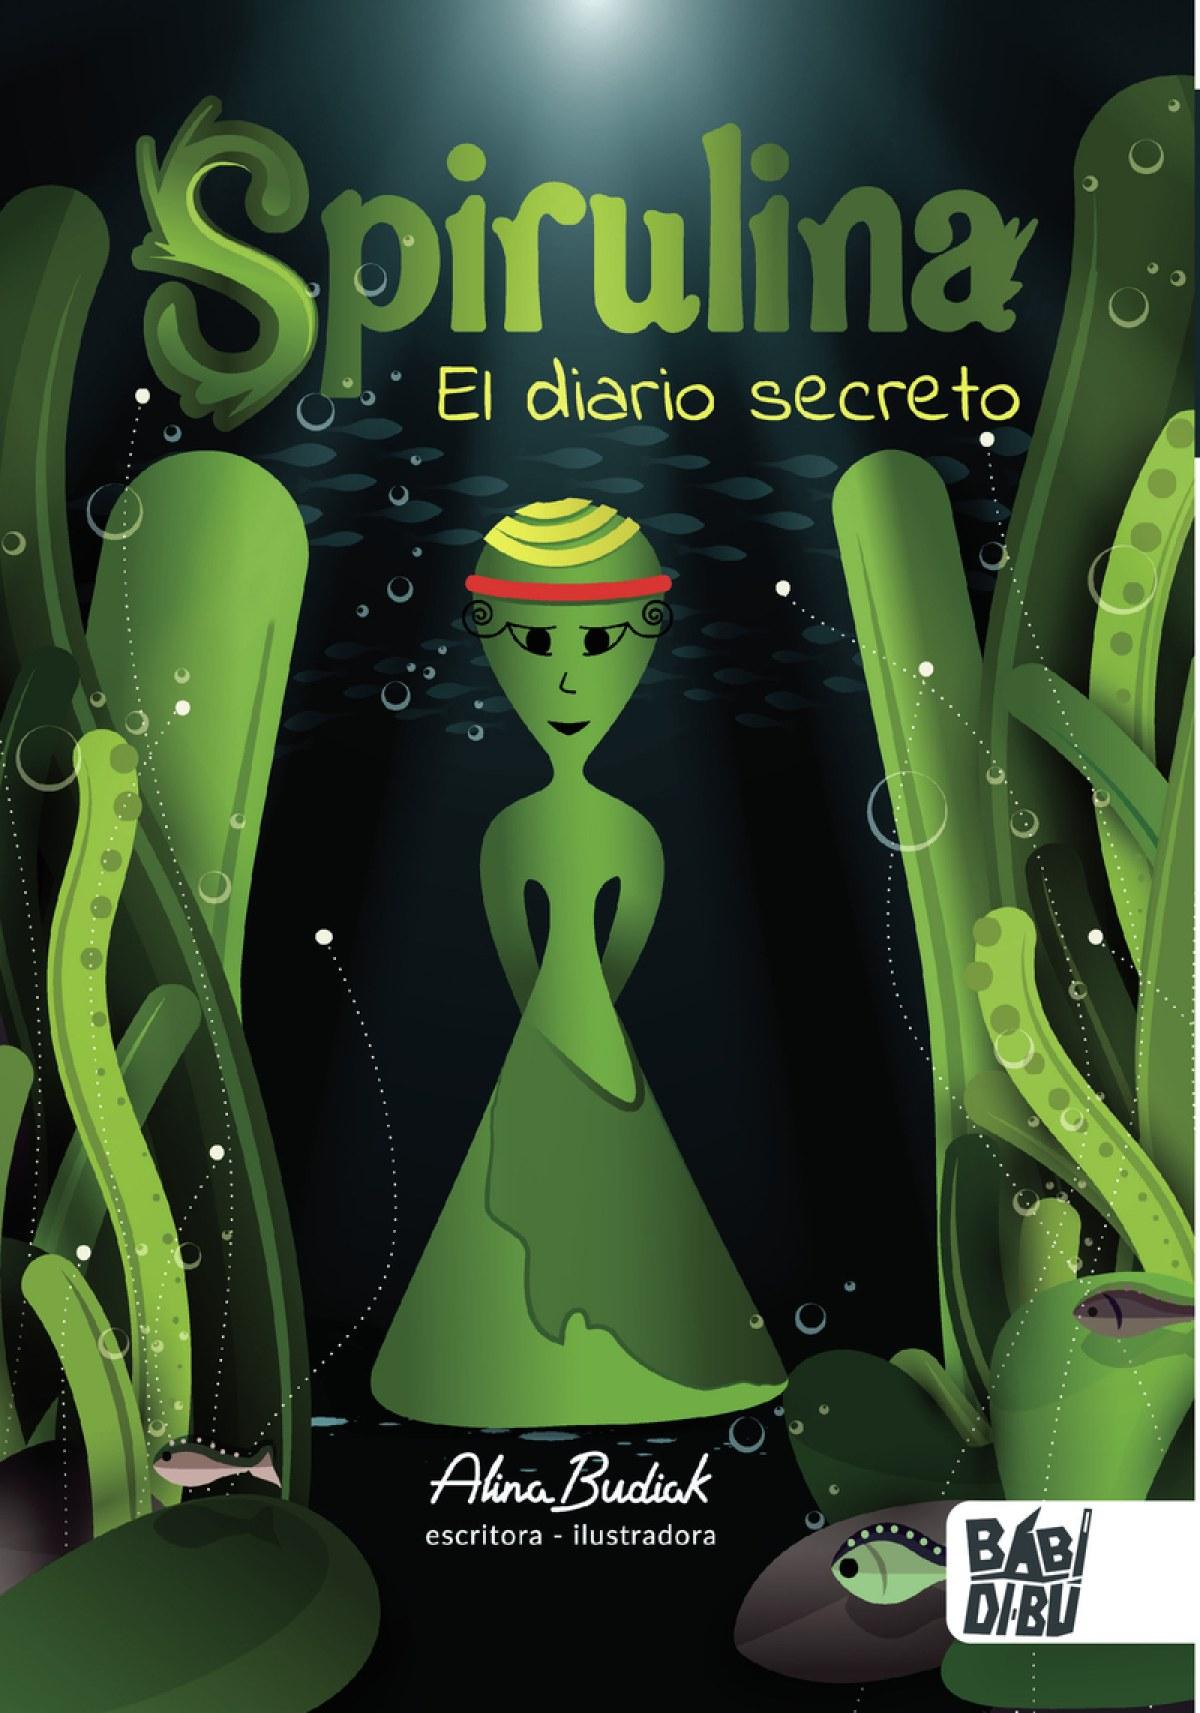 Spirulina. El diario secreto